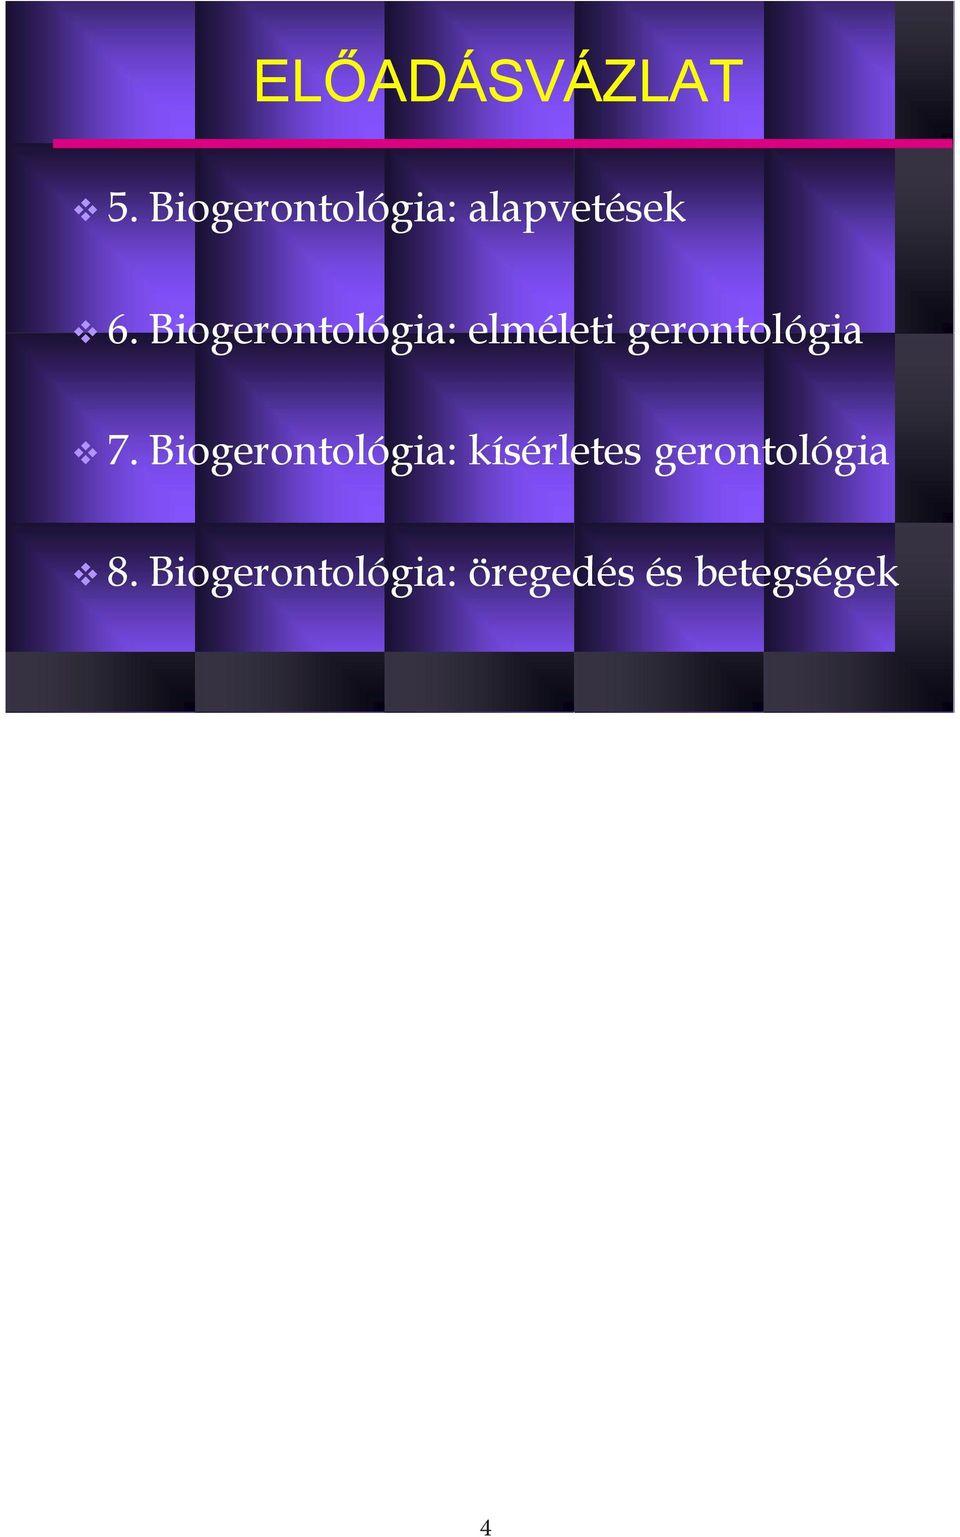 magas vérnyomás és gerontológia Fogyatékosságot ad-e magas vérnyomás esetén